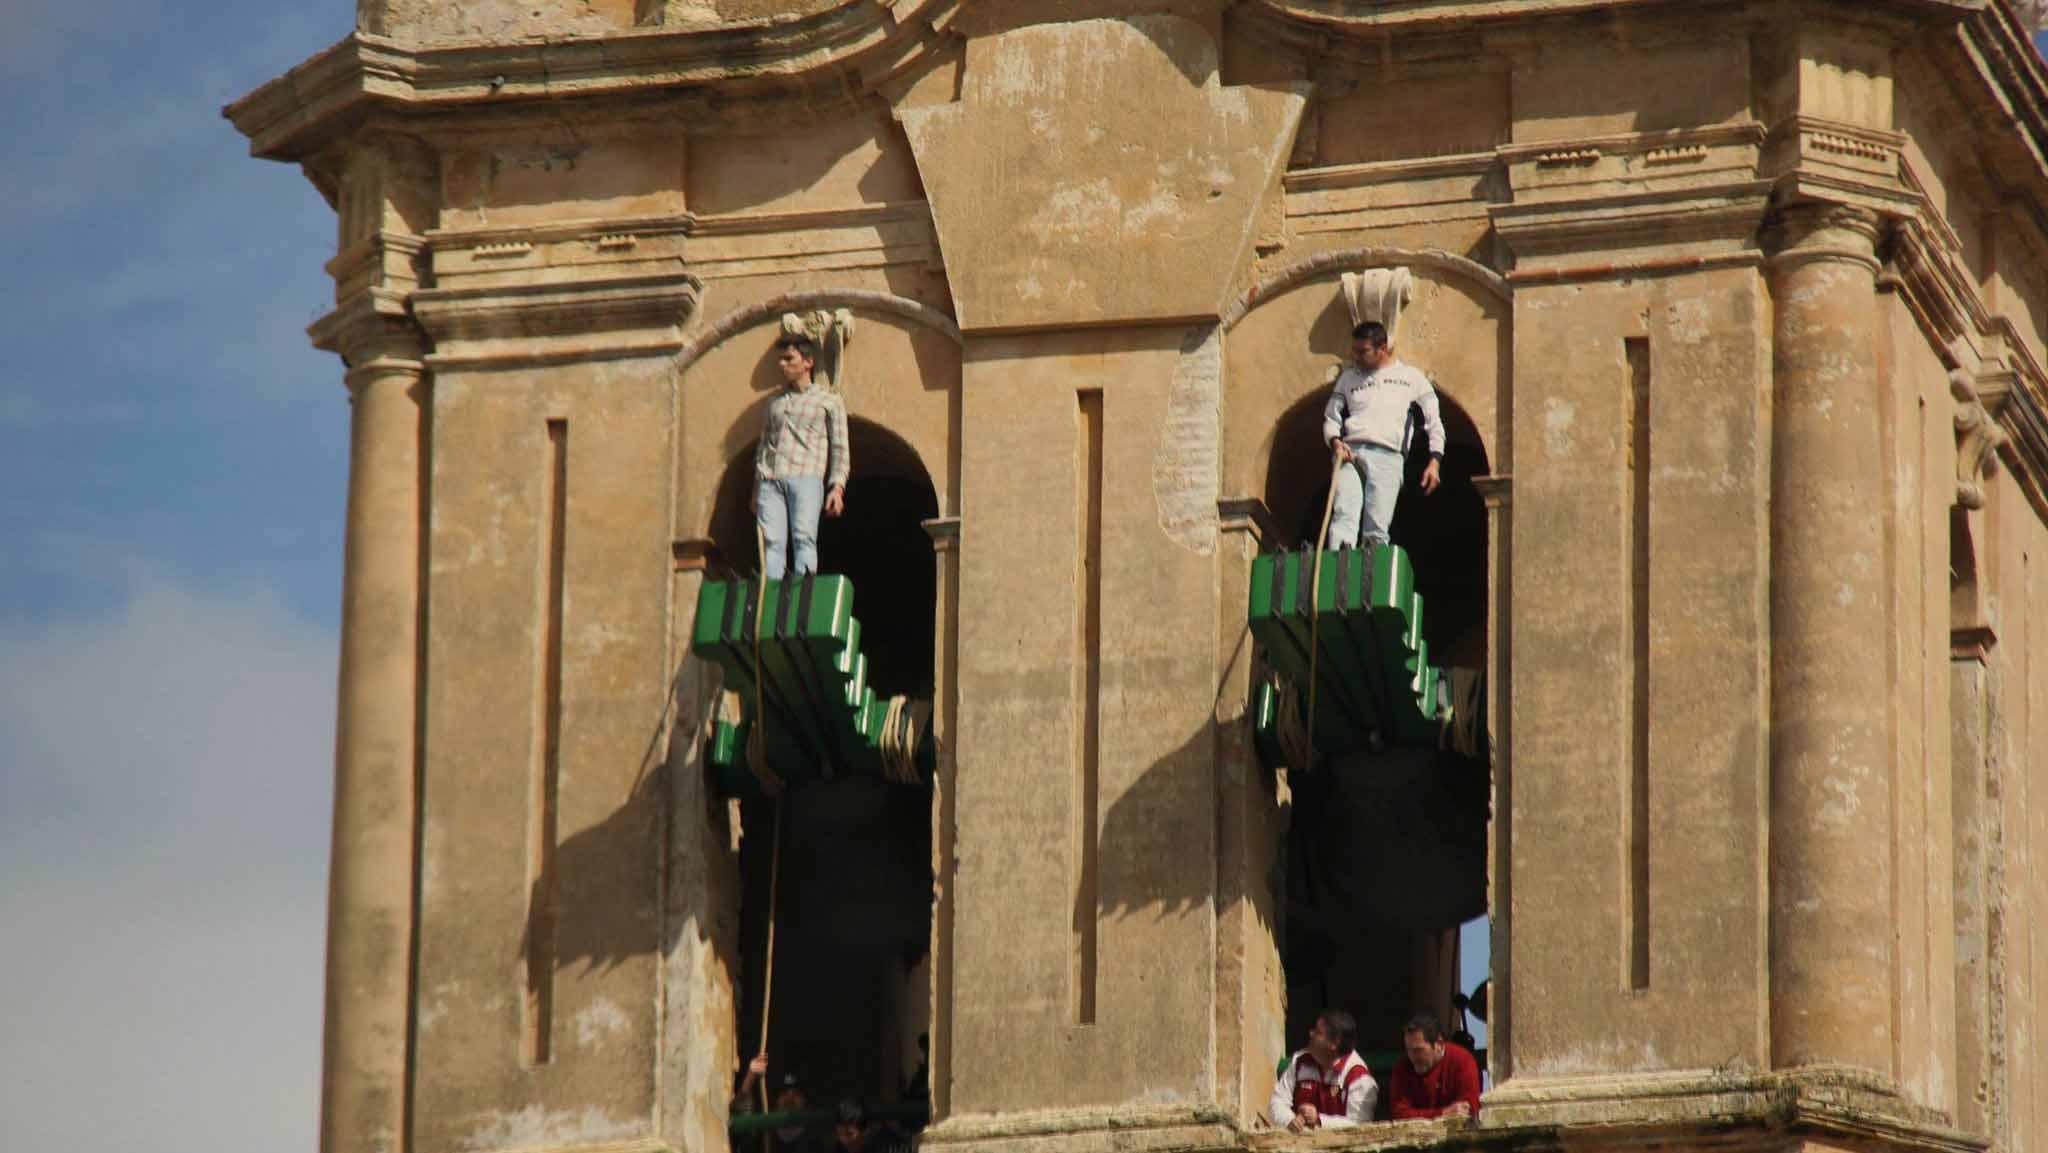 Los campaneros de Utrera mantienen viva una tradición que tiene más de 500 años de historia